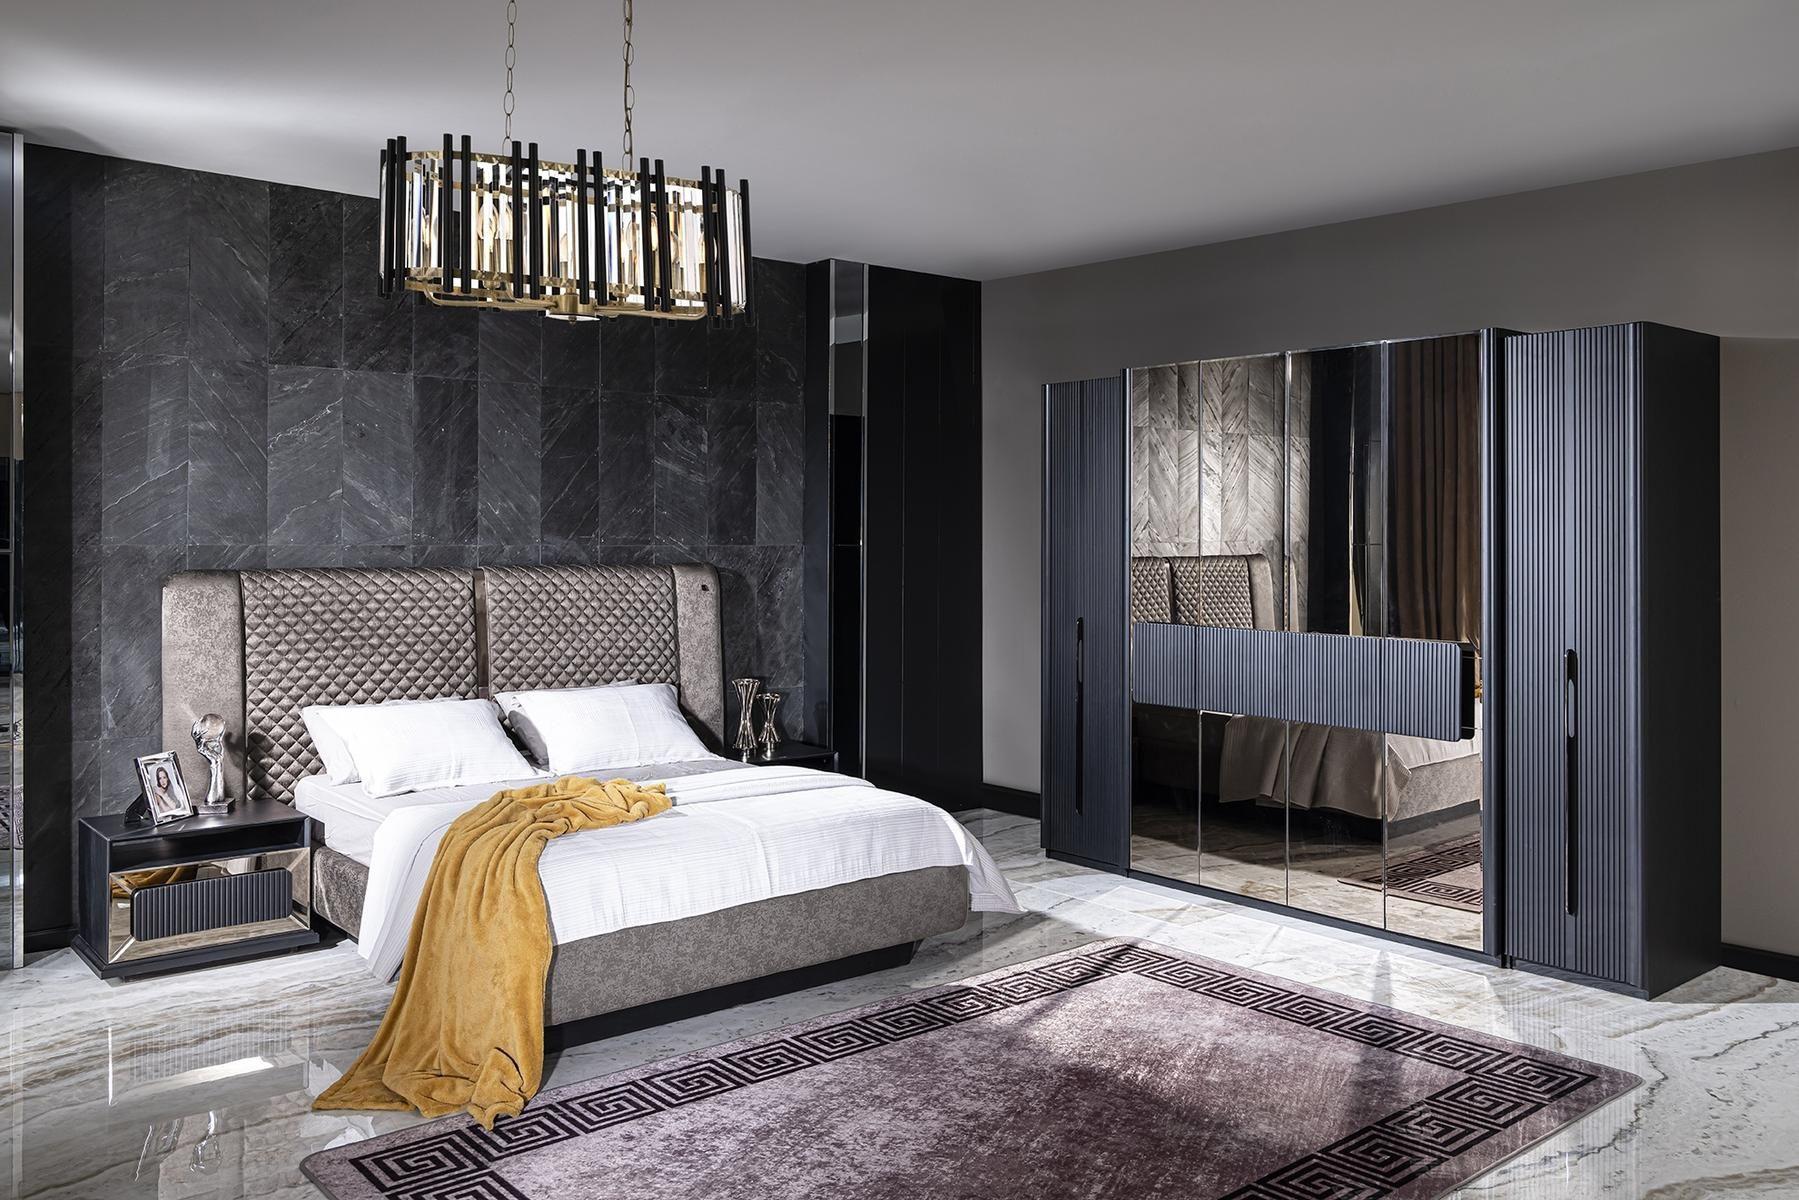 Yatak Odasi 2020 Yatak Odasi Yatak Odasi Tasarimlari Mobilya Fikirleri